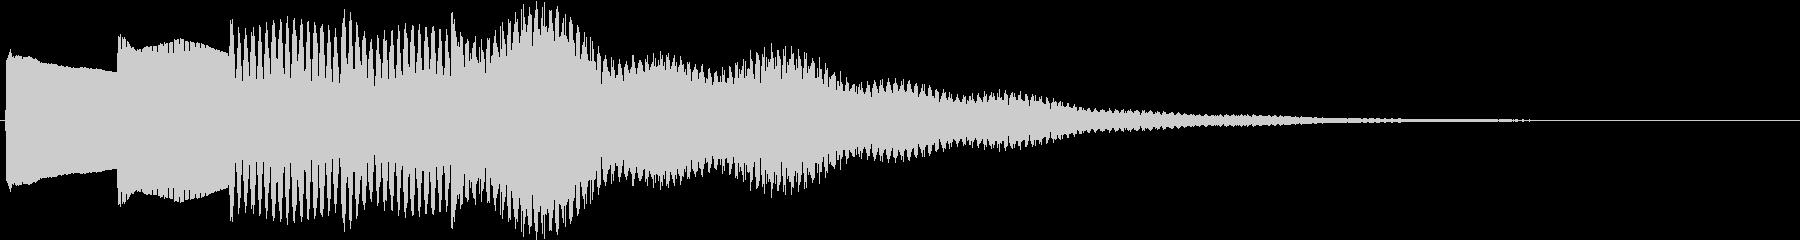 さらに謎が深まるイメージのチャイム音の未再生の波形